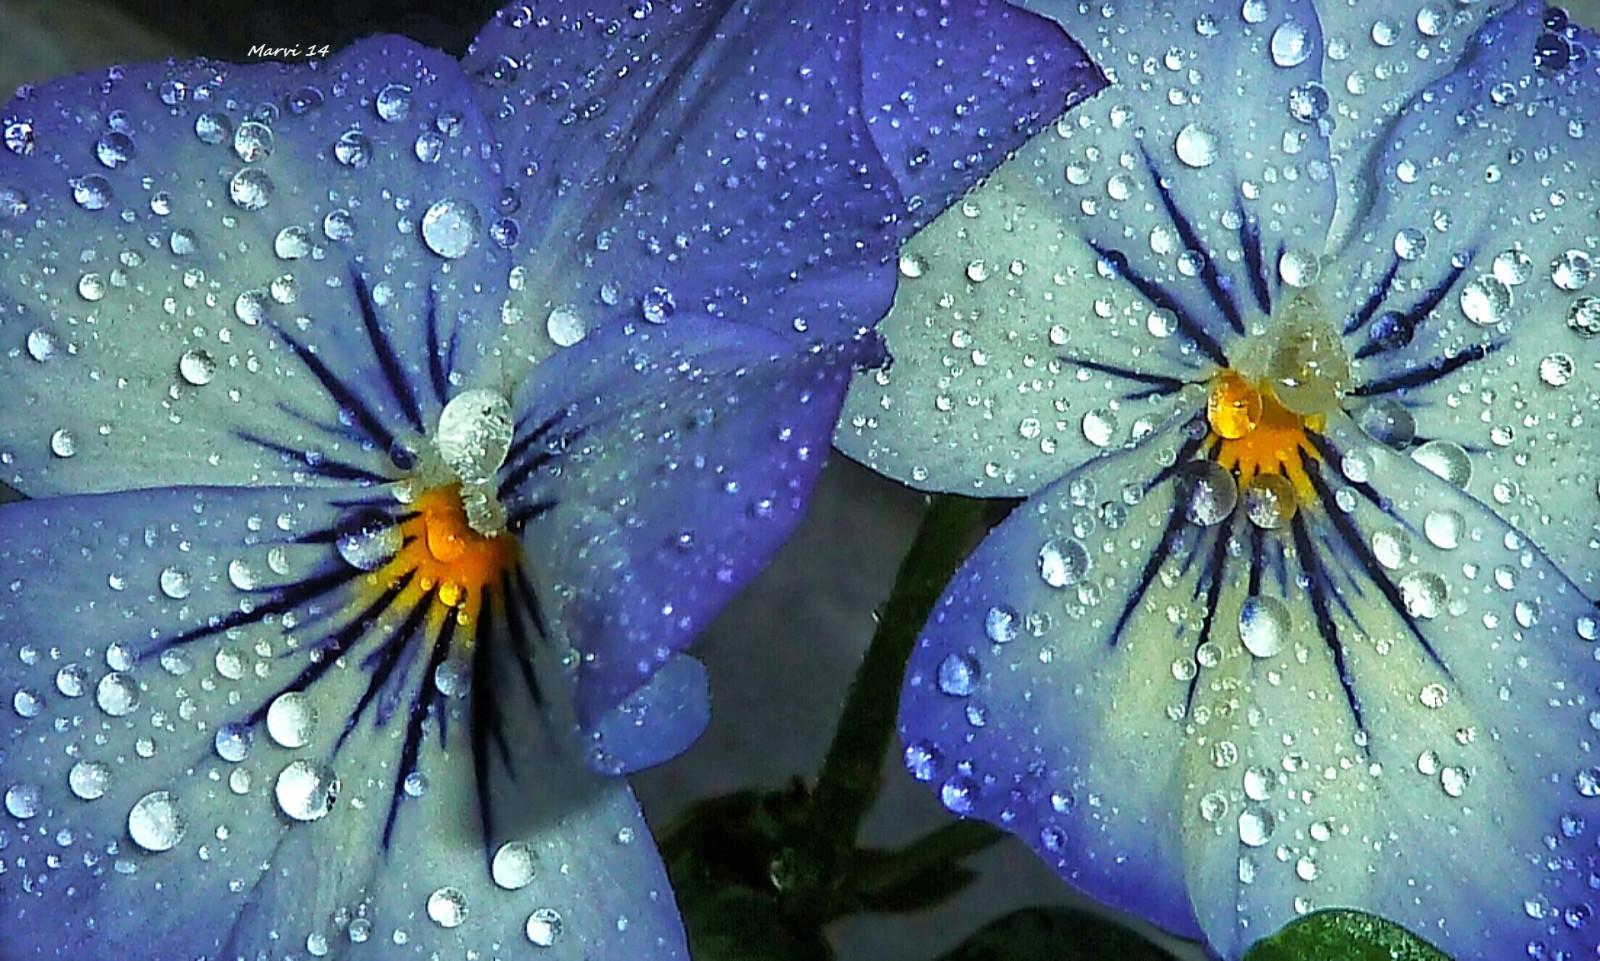 hintergrundbilder blumen garten nacht wasser natur herz regen lila makro blau. Black Bedroom Furniture Sets. Home Design Ideas